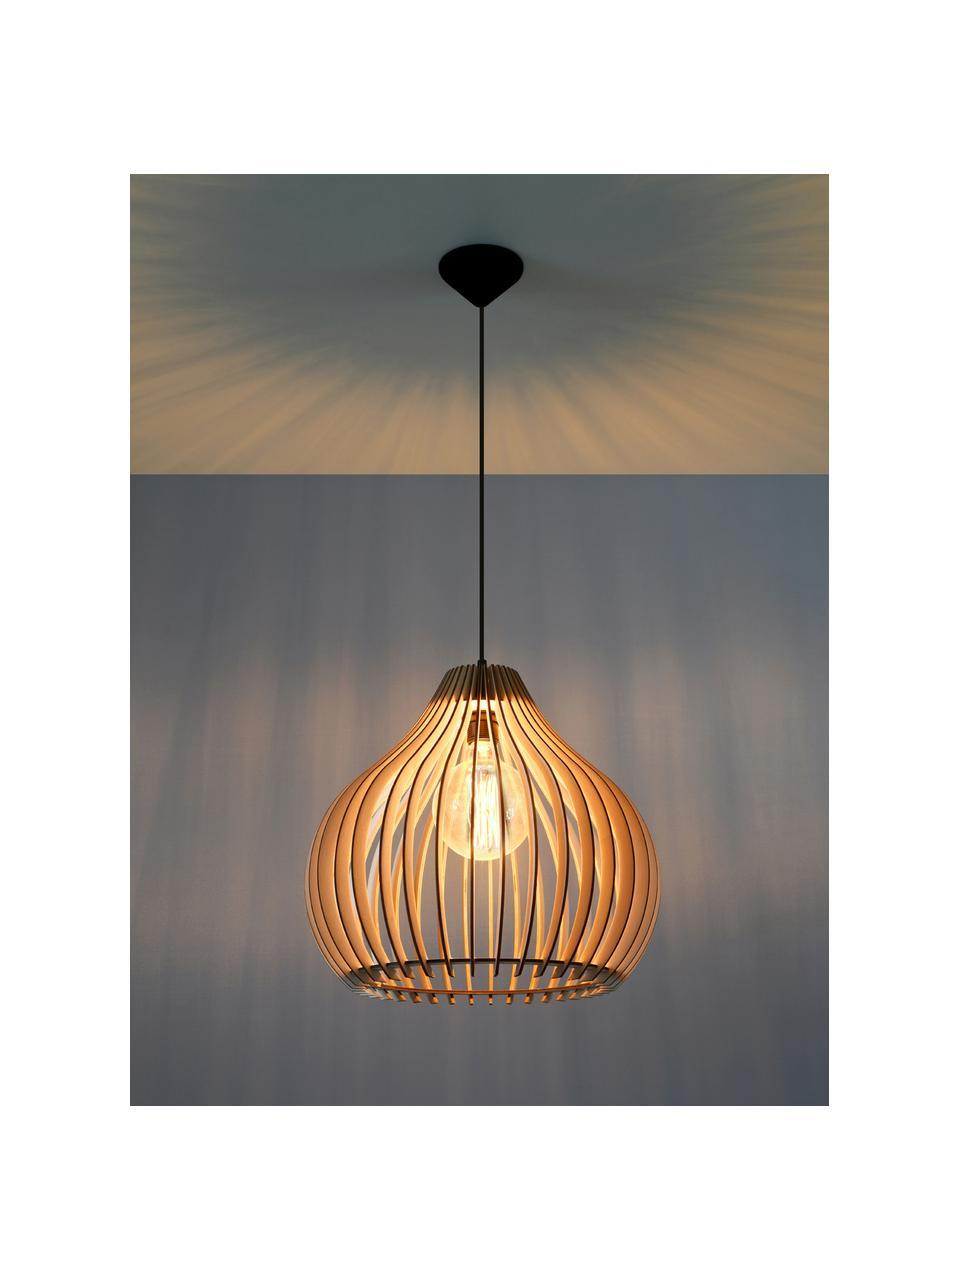 Pendelleuchte Pantilla aus Holz, Lampenschirm: Holz, Baldachin: Kunststoff, Braun, Schwarz, Ø 43 x H 39 cm